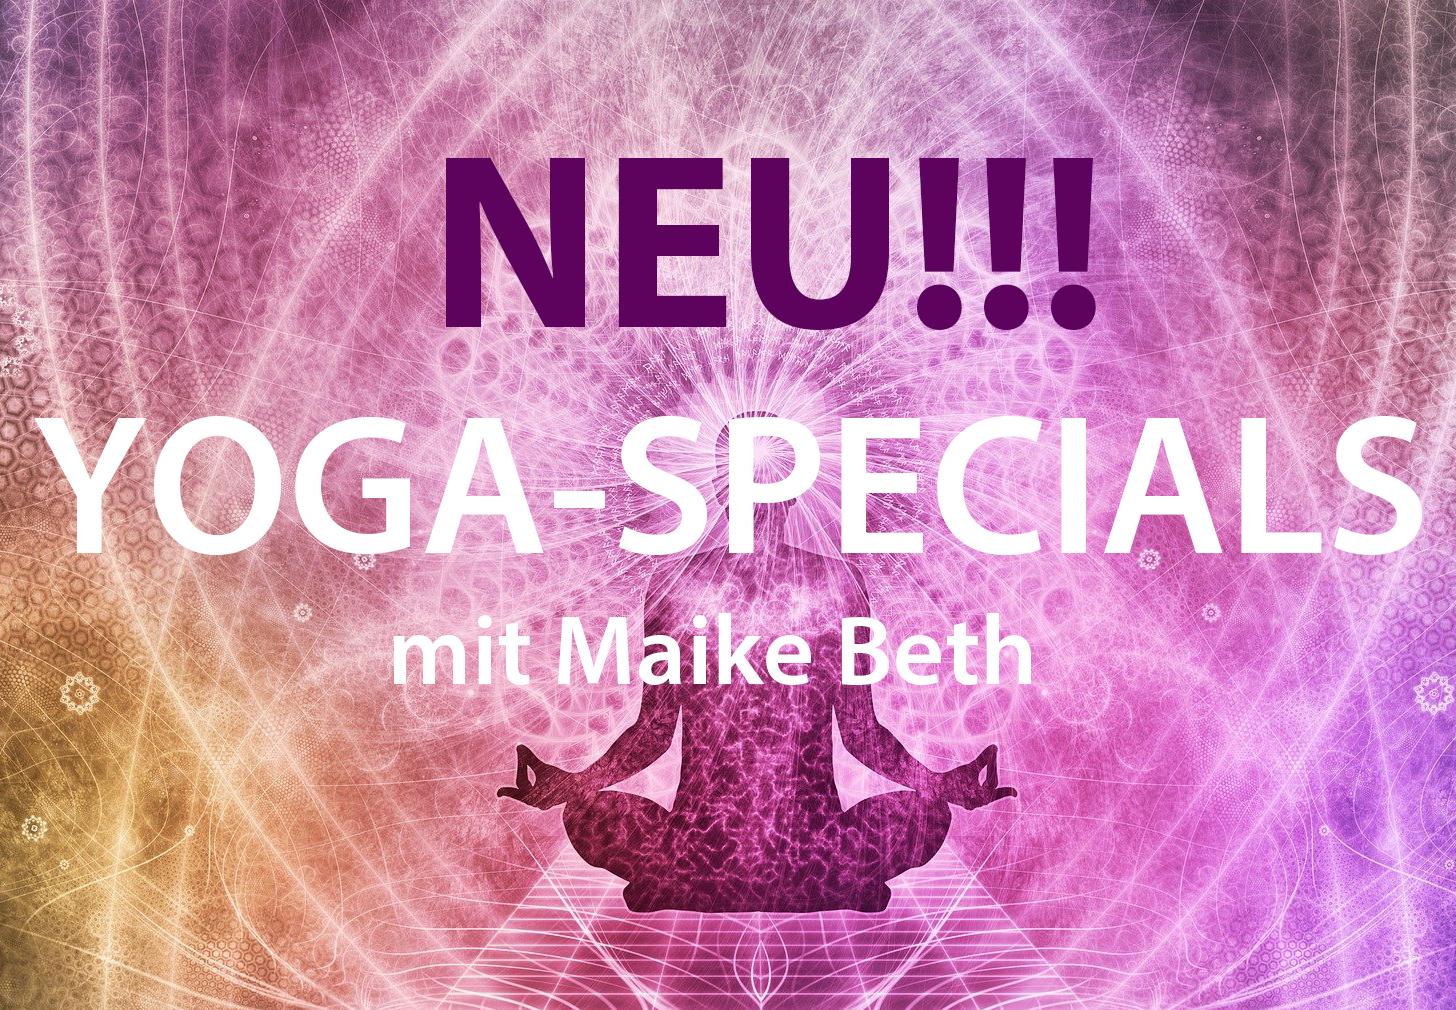 Am 10.10.21 starten wir wieder mit unseren Yoga-Specials ...